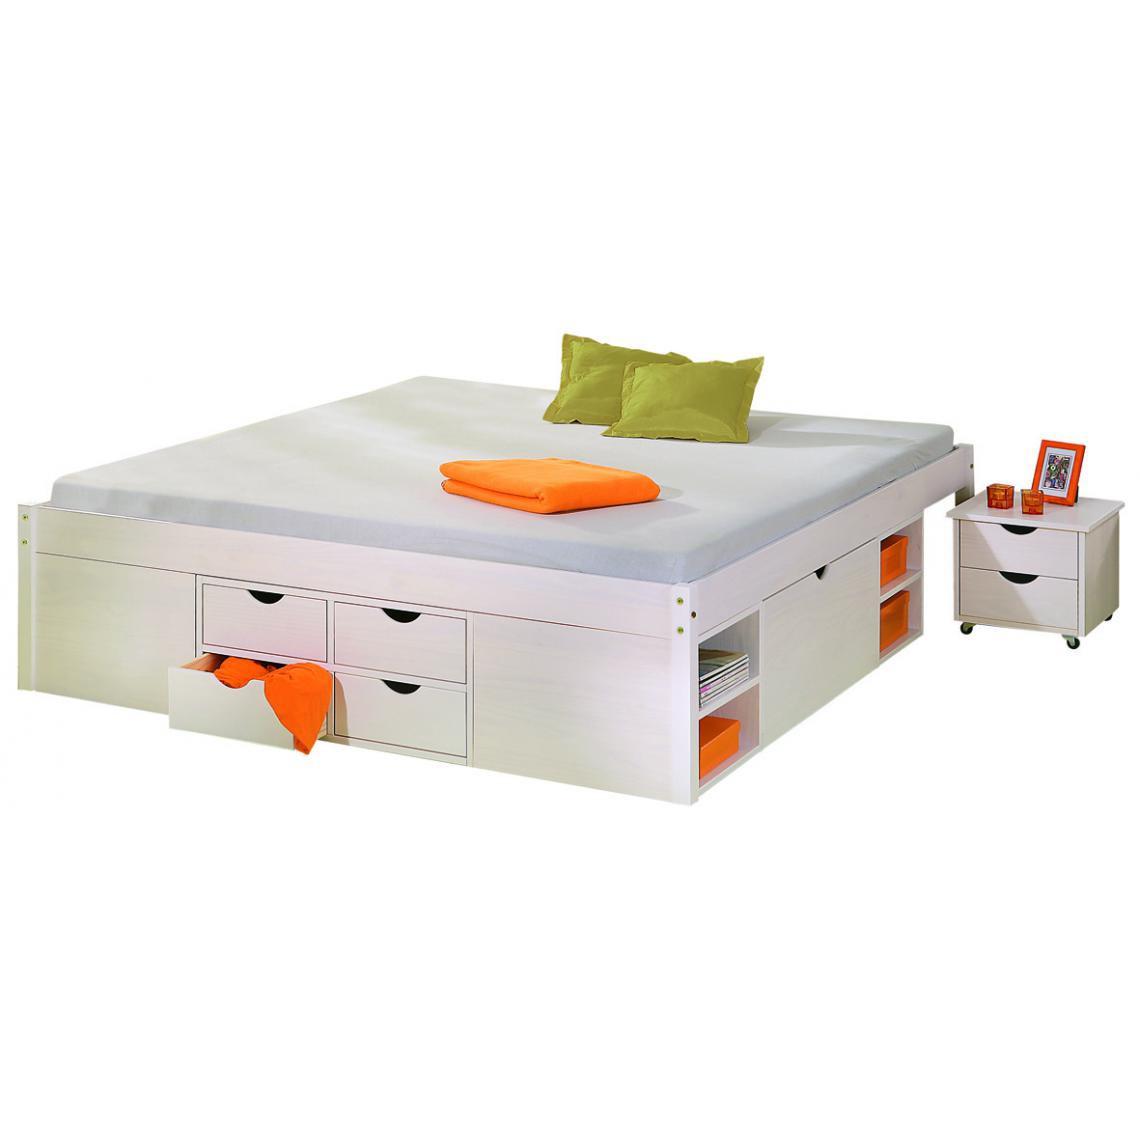 lit en bois avec espaces de rangement mobiles blanc 160x200 kolo